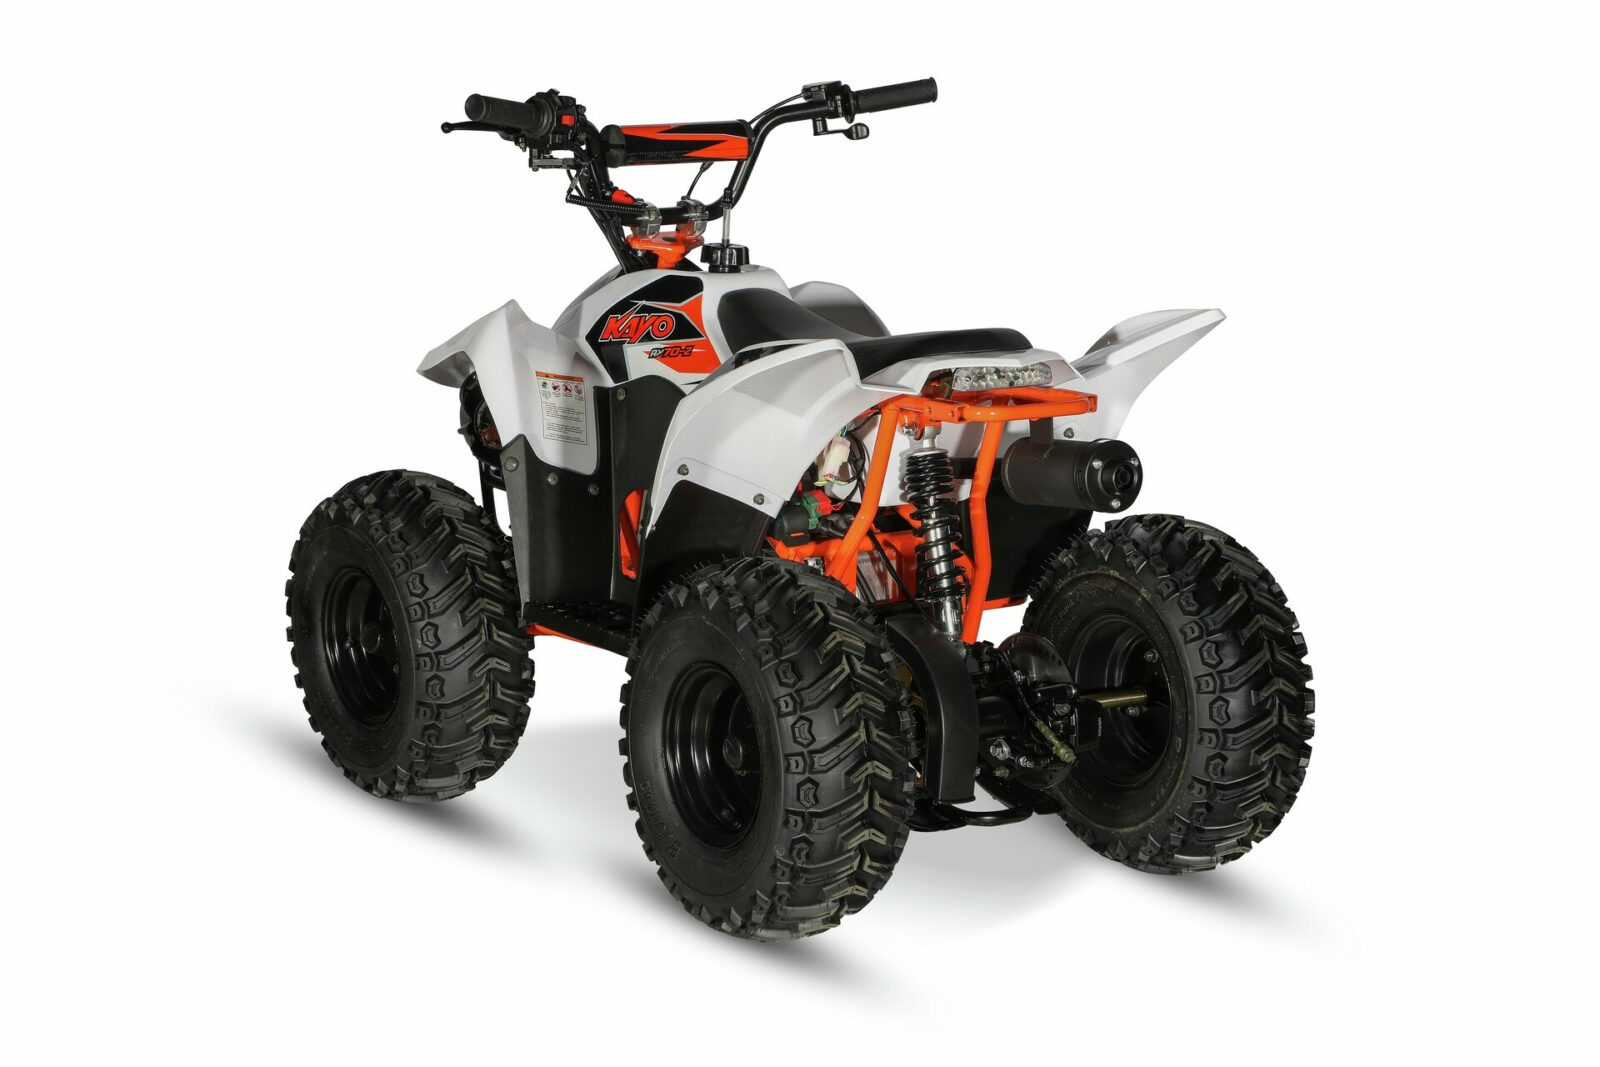 KAYO AT70 ATV 01923 1920